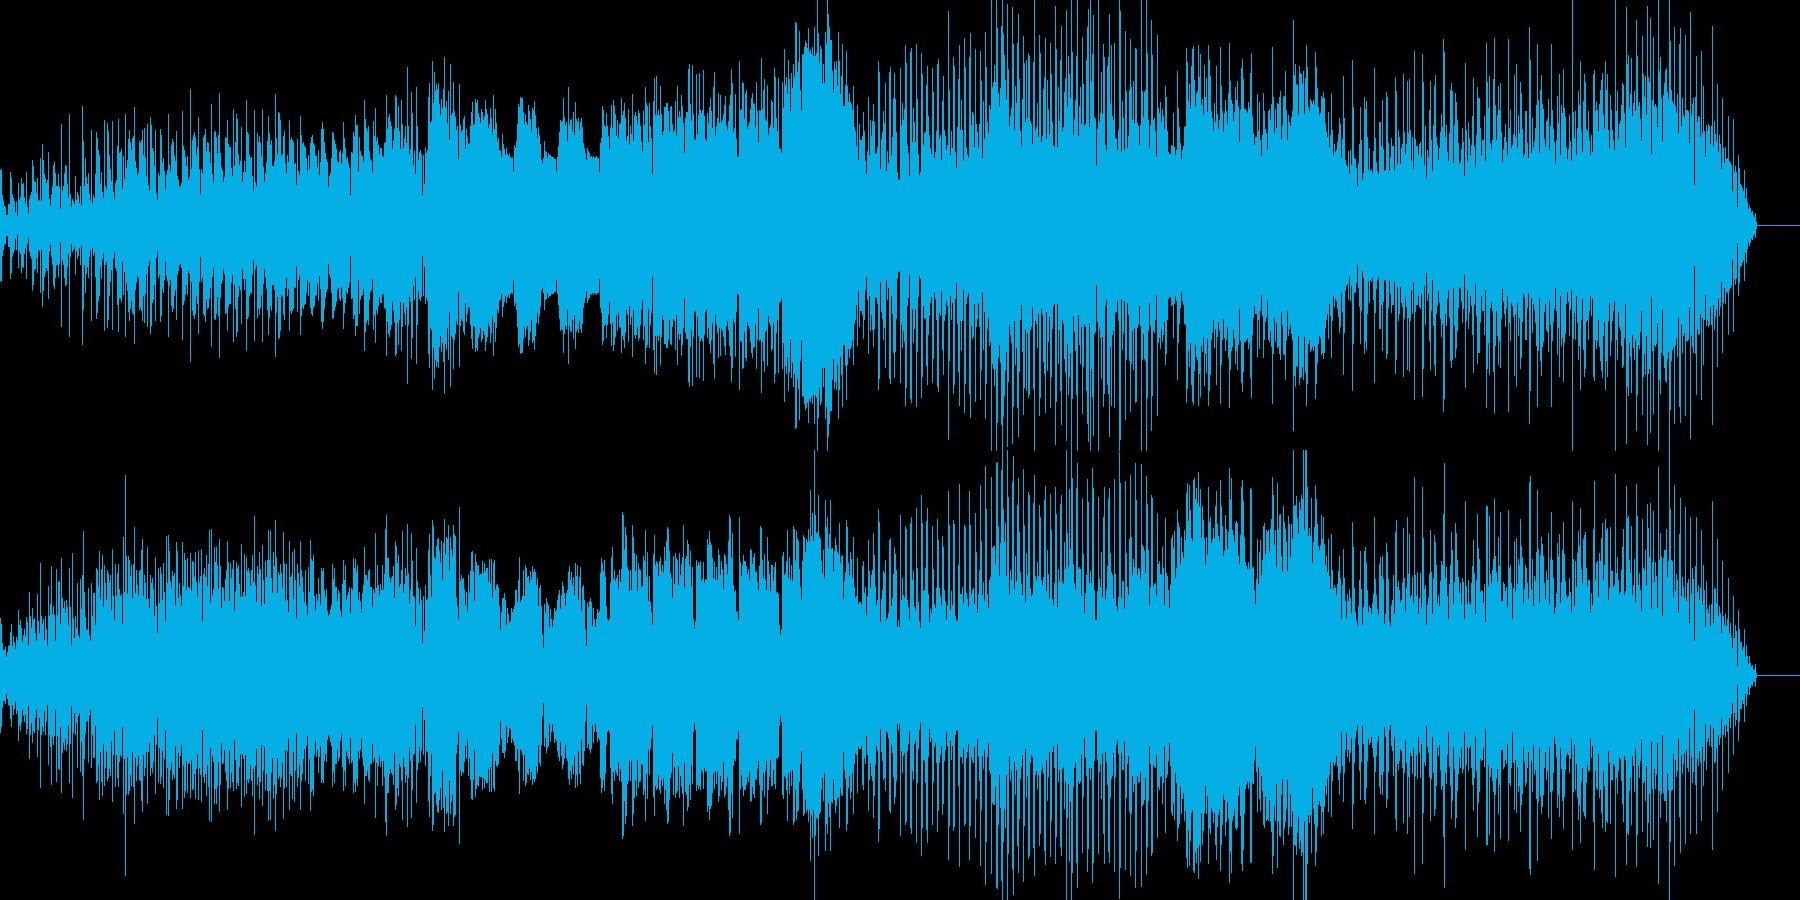 エスニック風の背景的音楽の再生済みの波形